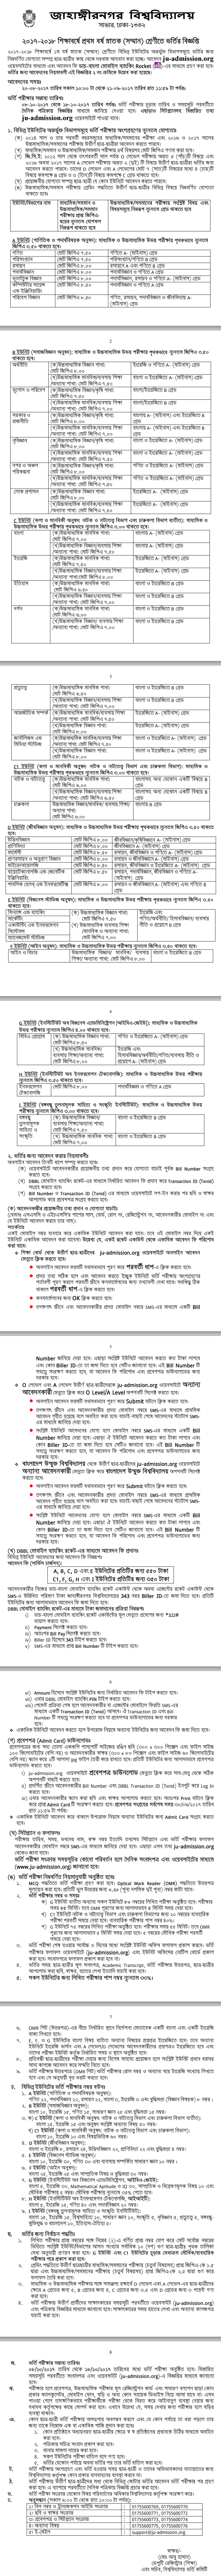 JU Admission Circular Notice 2017-18